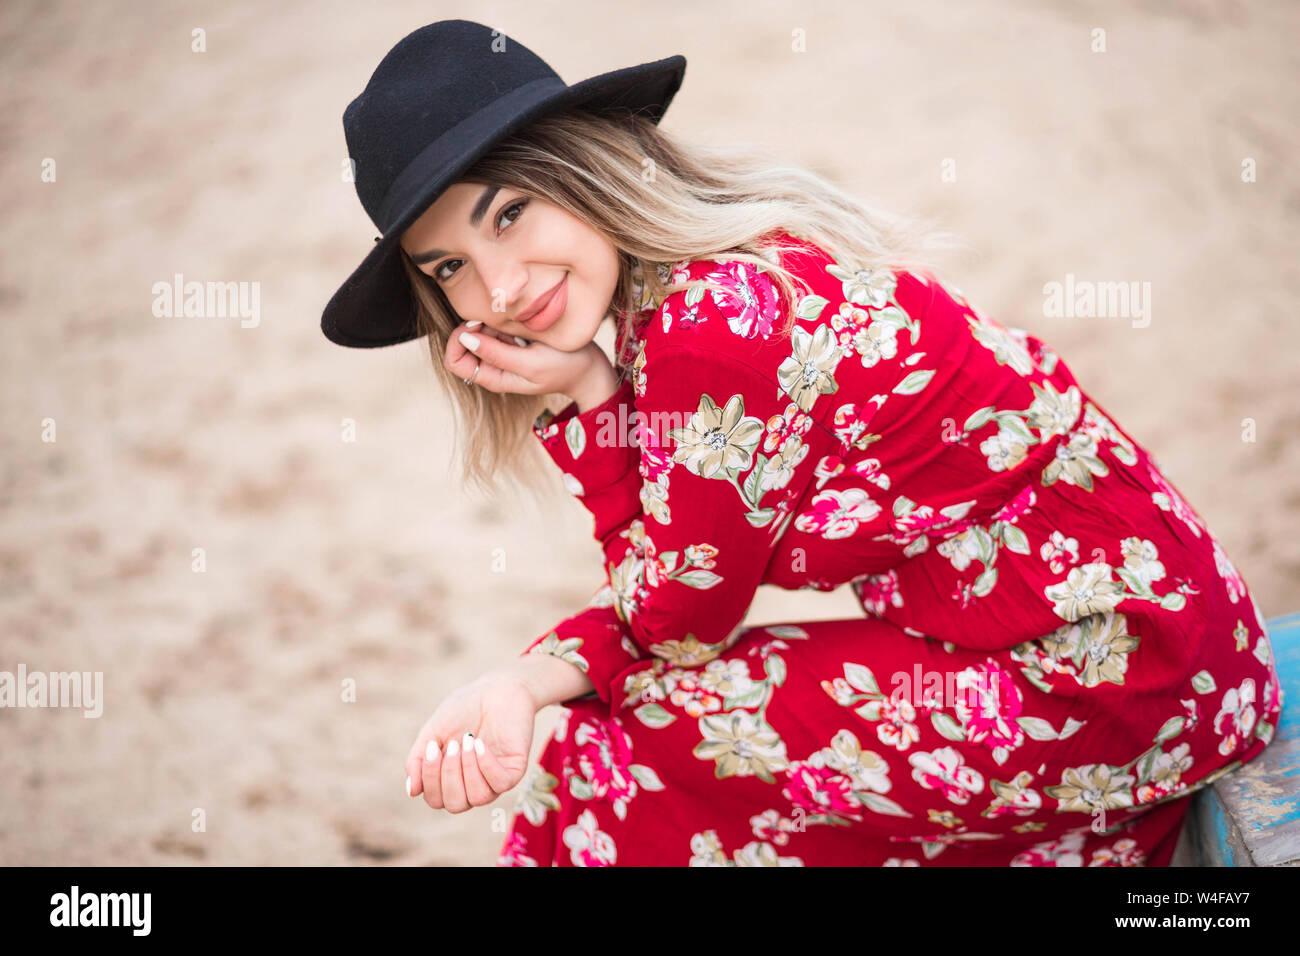 Im Und Foto Kleid Schönen Von Mädchen Jacke Roten Schwarzen Y76vfgby